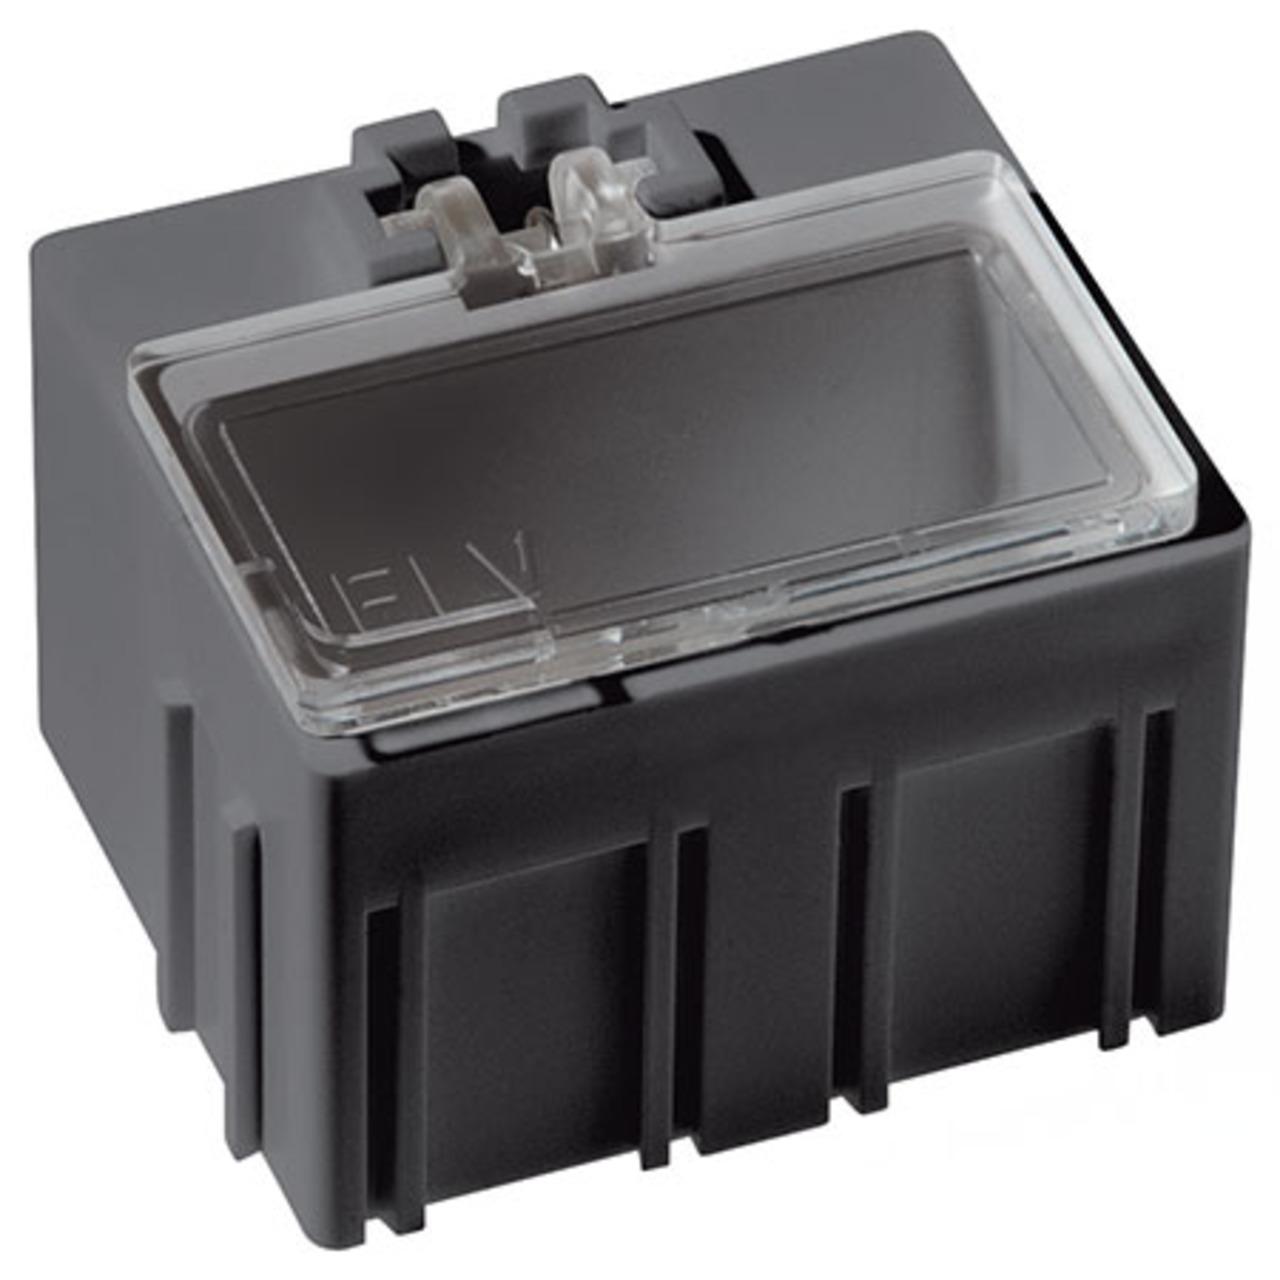 Image of 10er-Set ELV SMD-Sortierbox, Antistatik, 23 x 31 x 27 mm